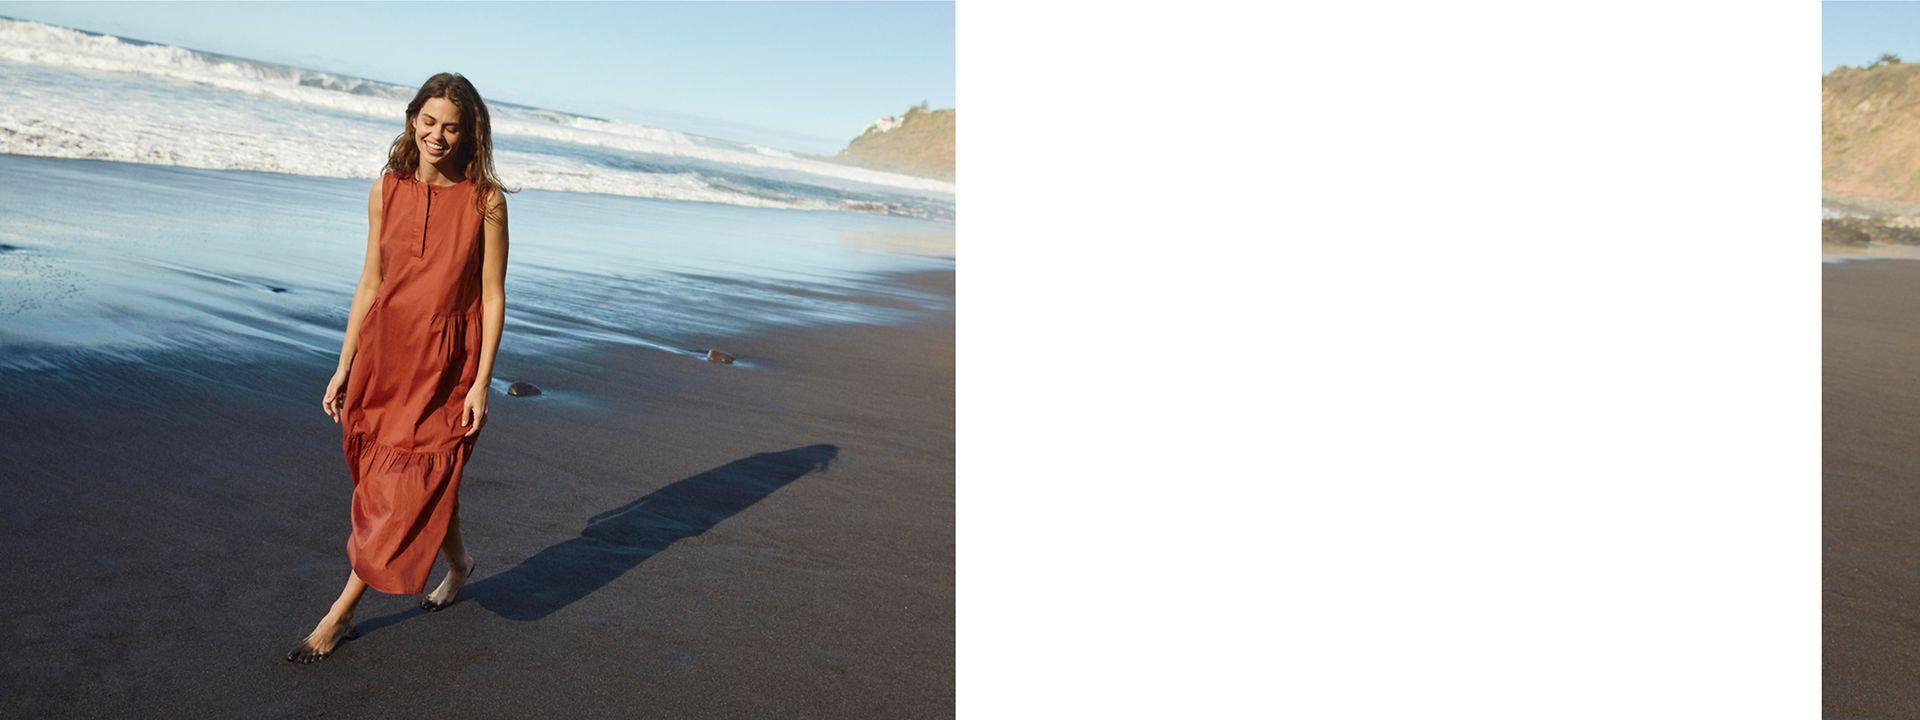 182021 - Mujer - Página de inicio - Banner principal - Pantalones - IMG